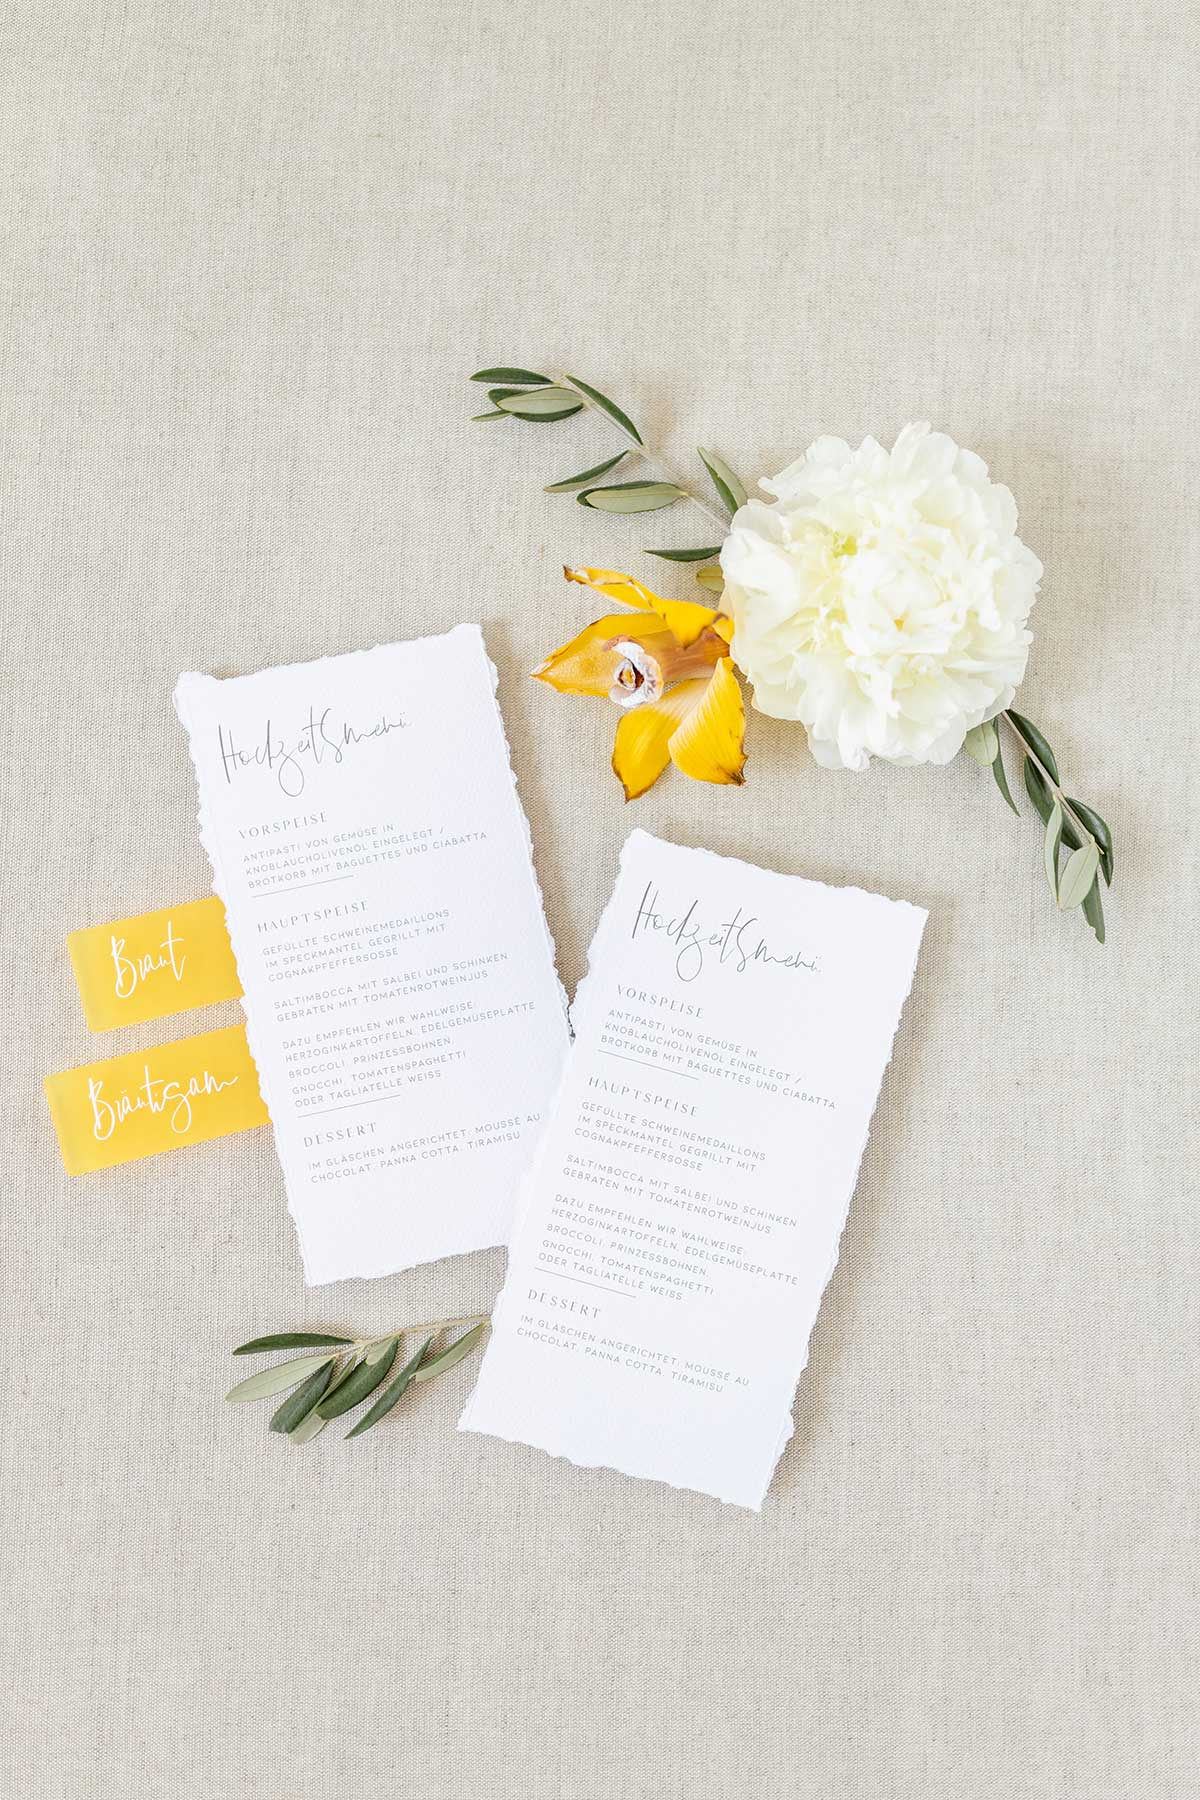 Hochzeitsmenü auf gerissenen Papier gedruckt